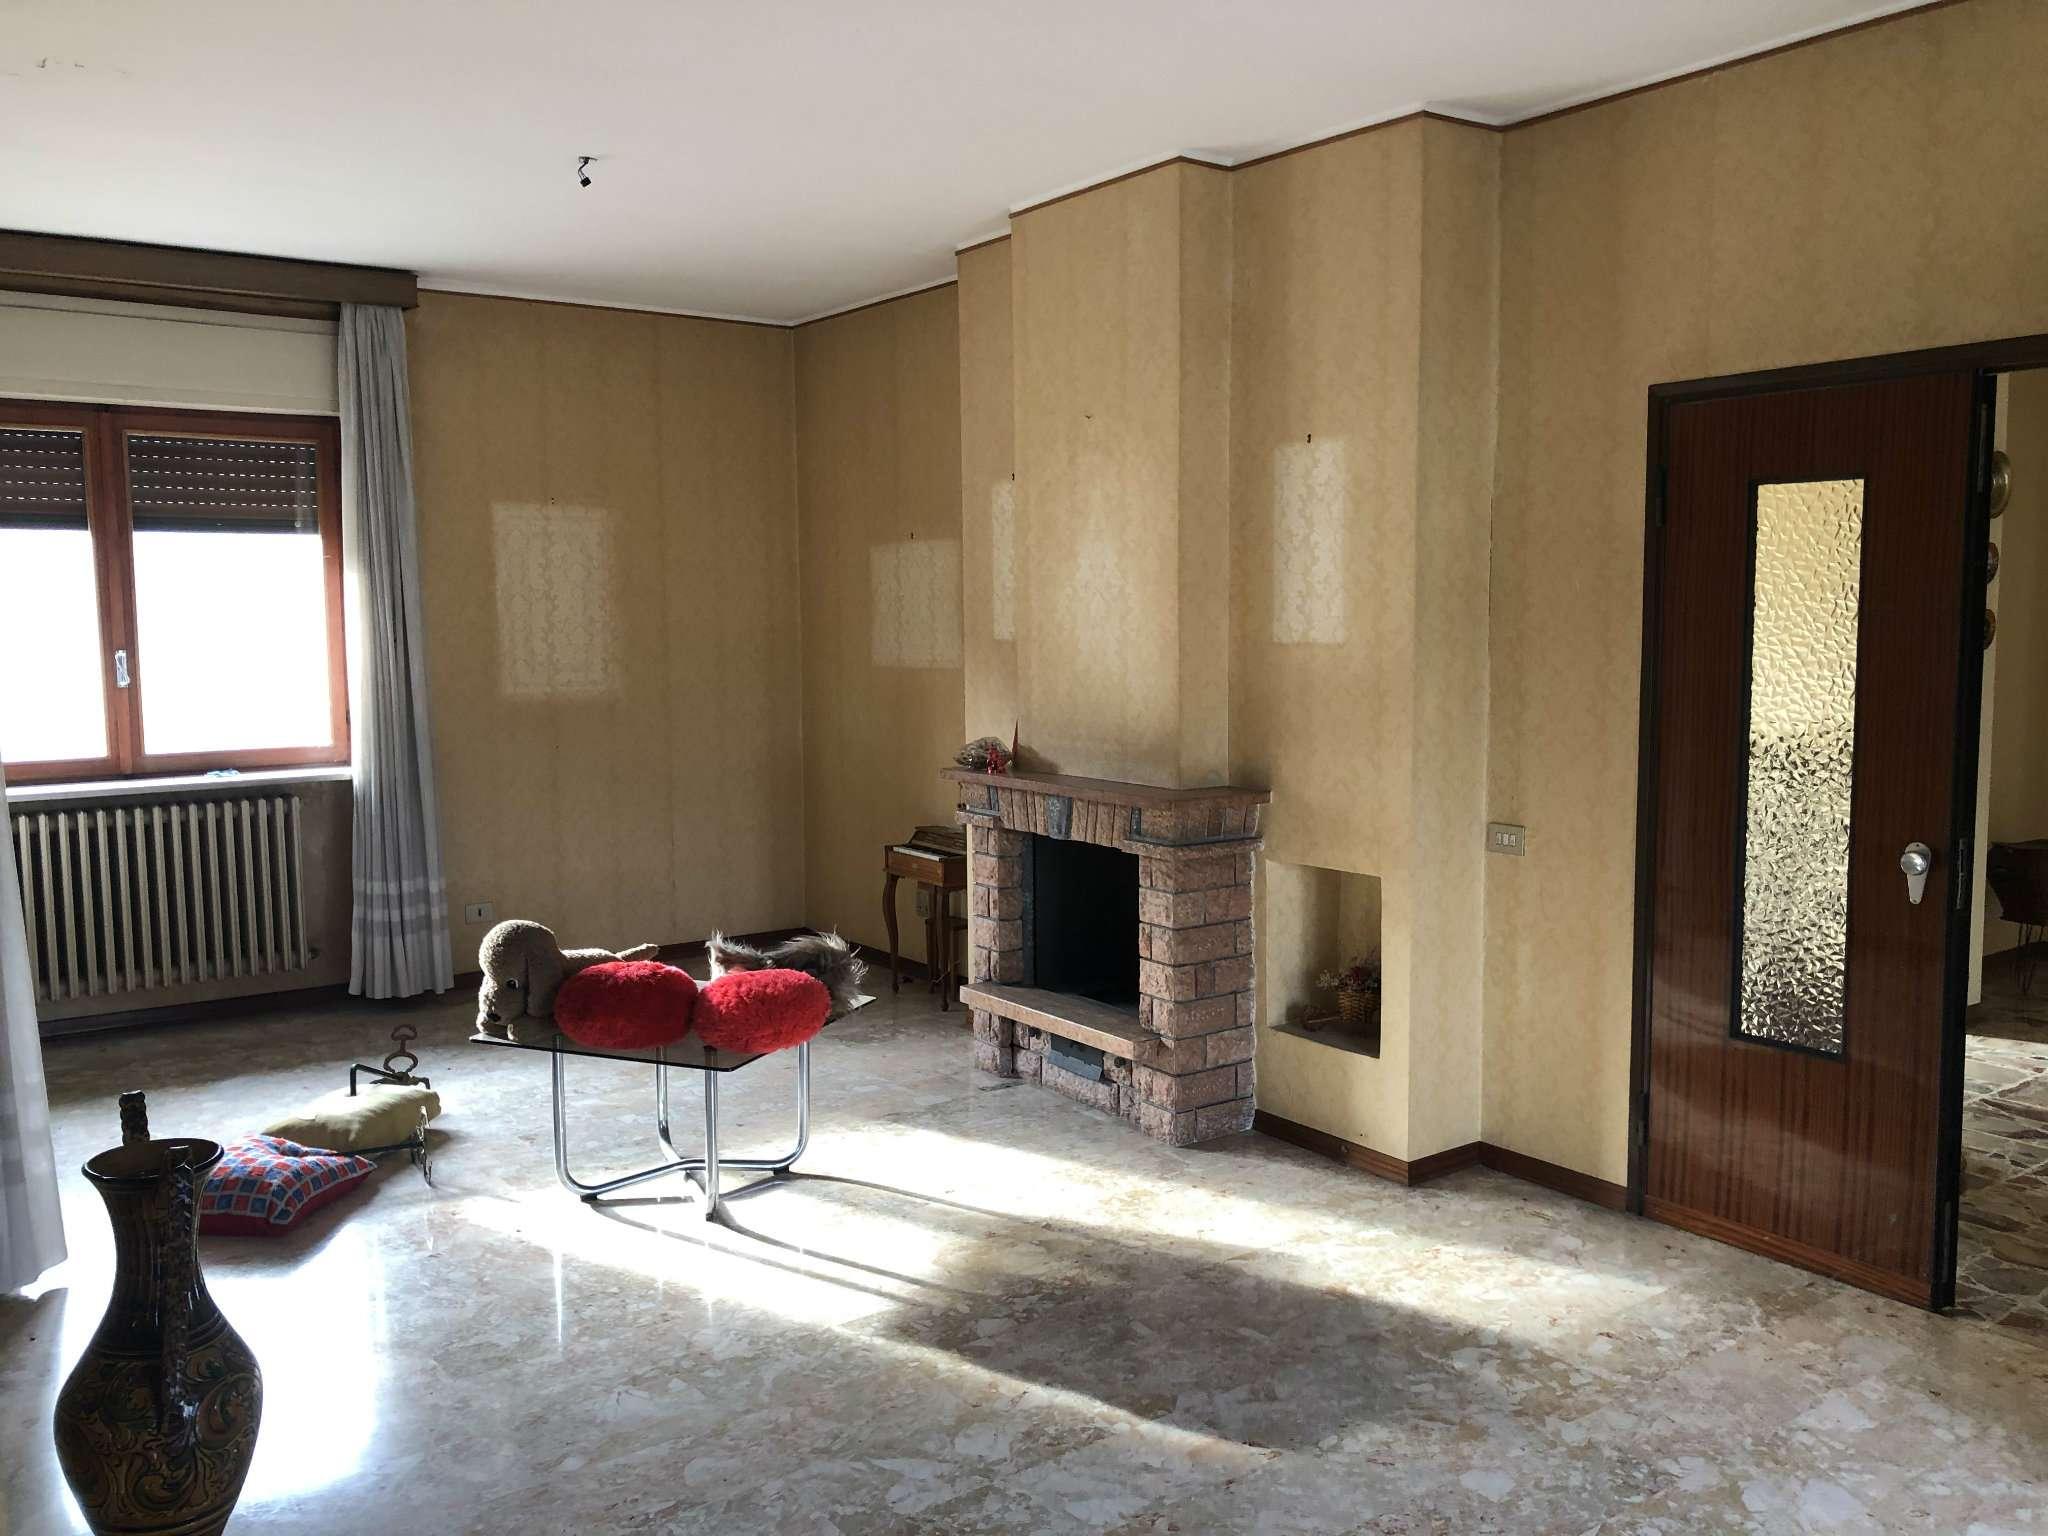 Appartamento in vendita a Brebbia, 8 locali, prezzo € 320.000 | PortaleAgenzieImmobiliari.it